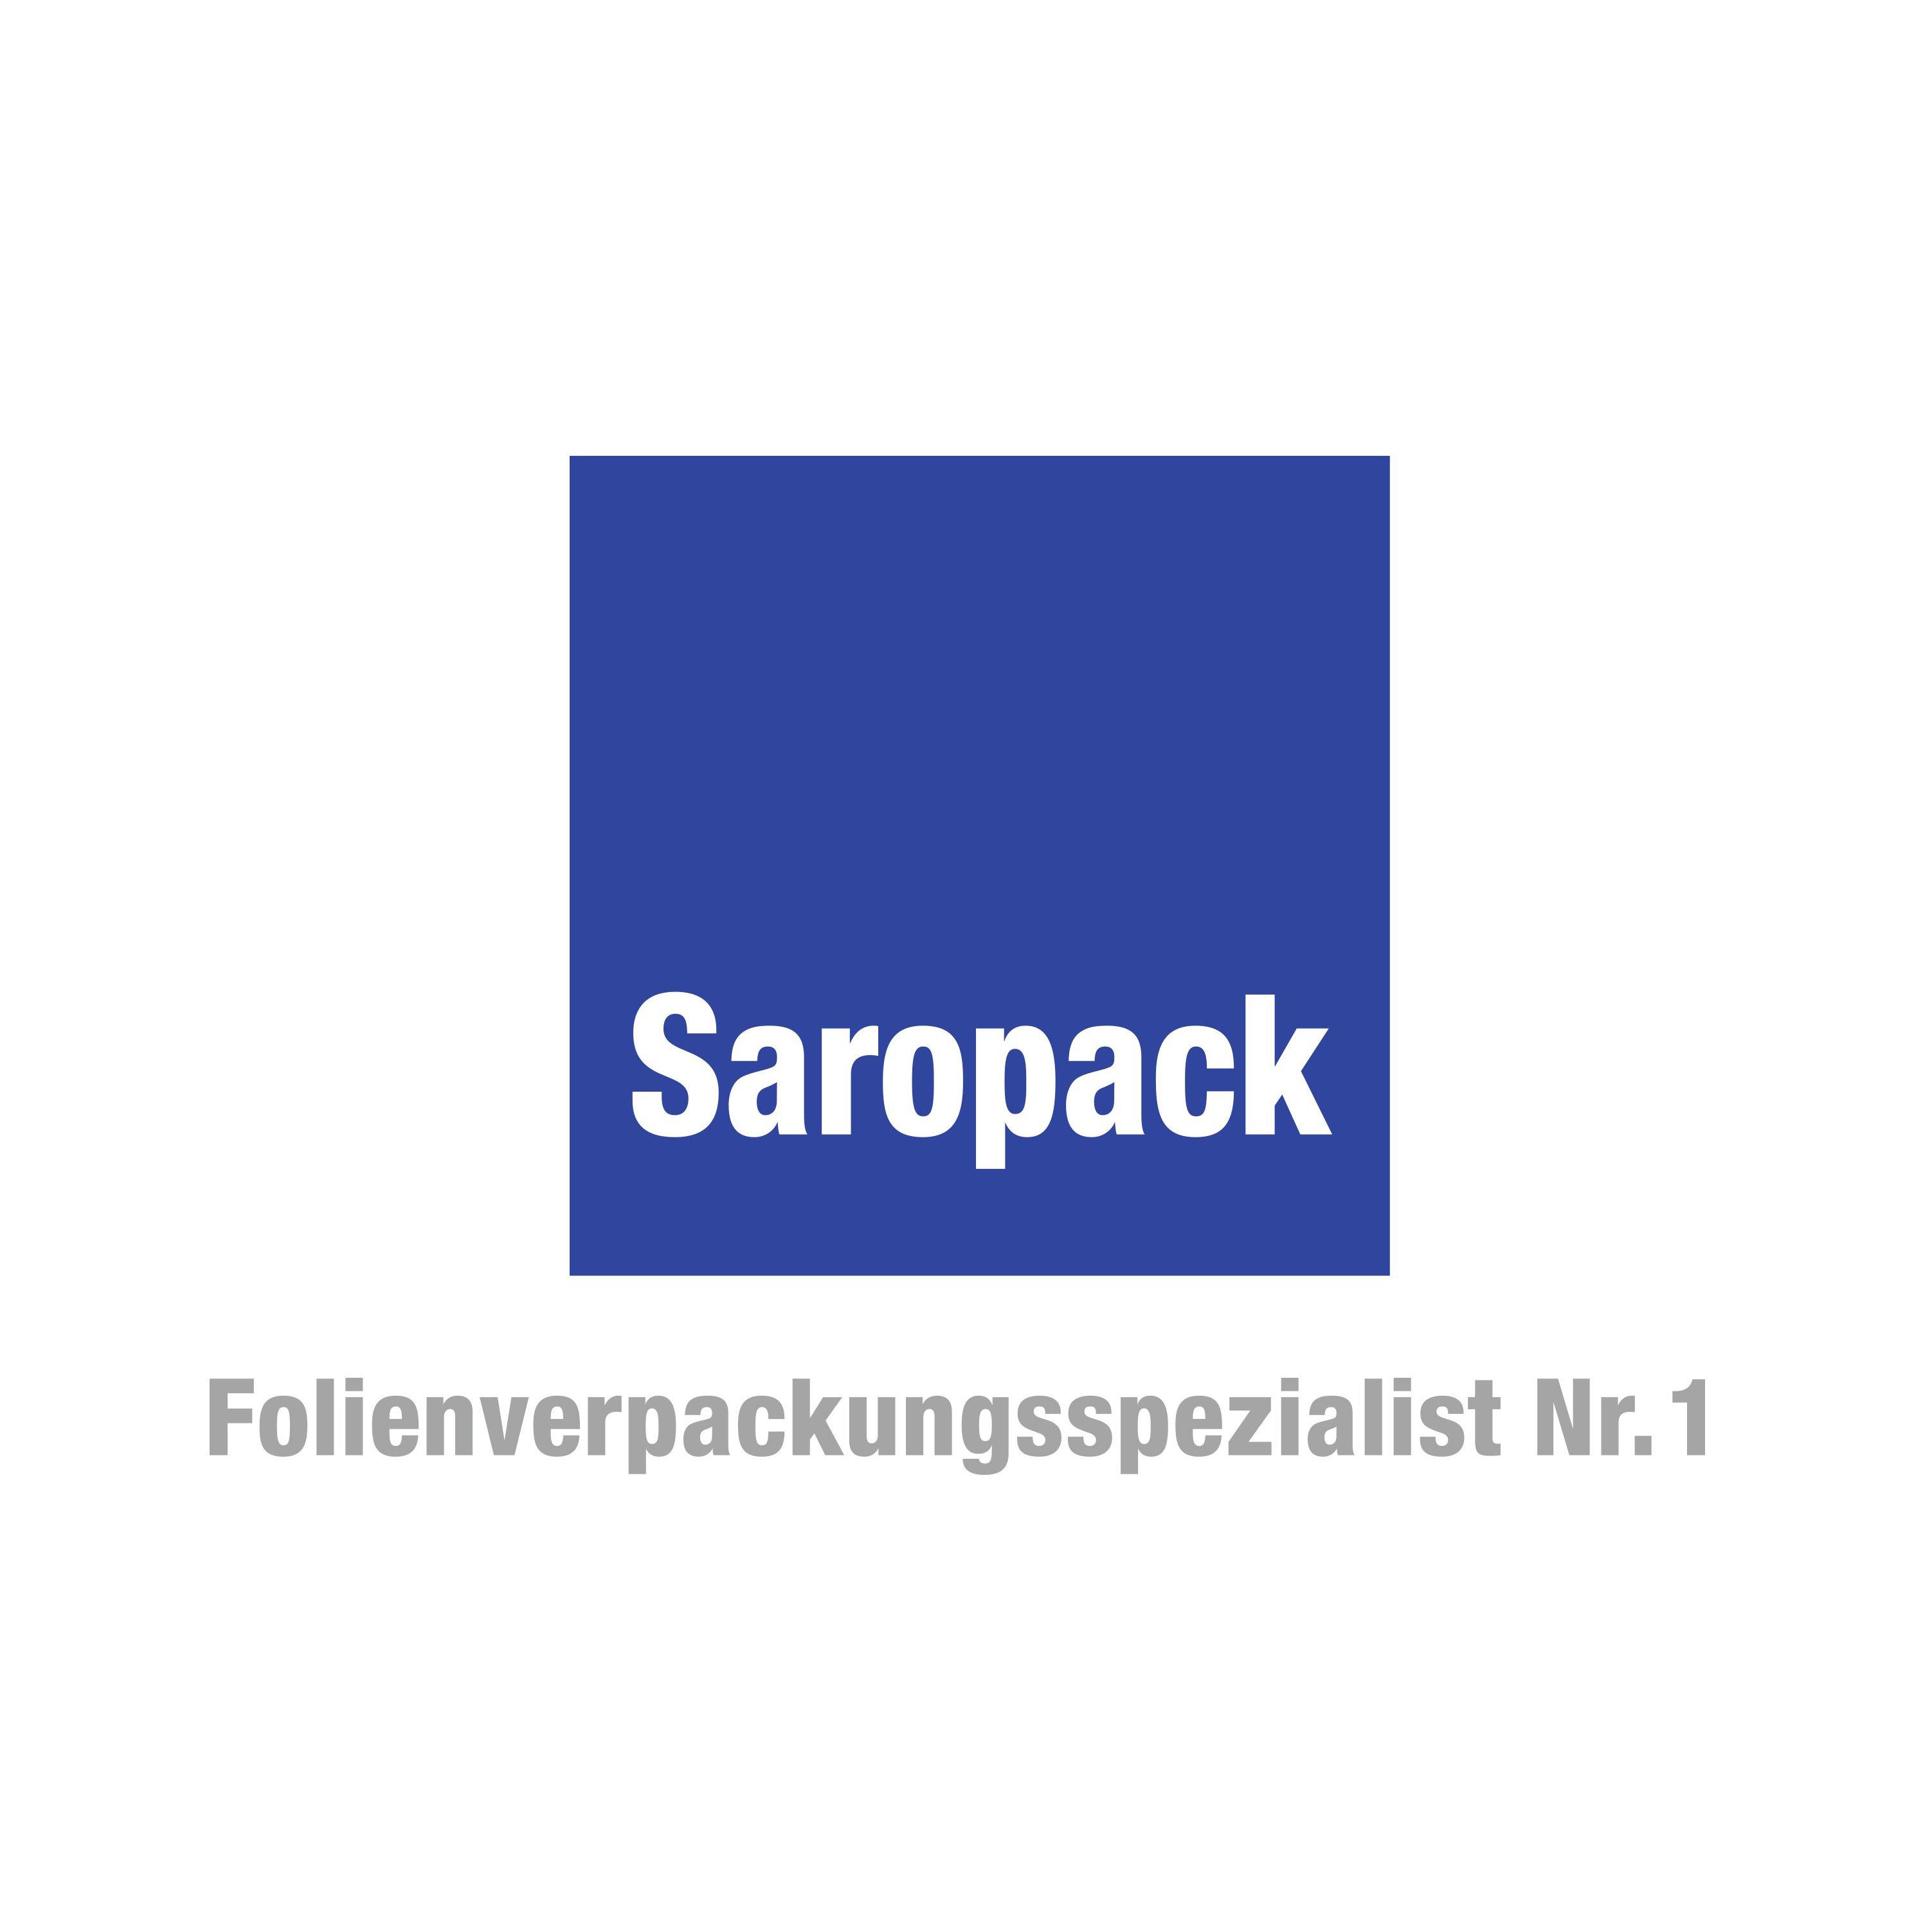 Saropack GmbH- Folienverpackungsspezialist Nr. 1